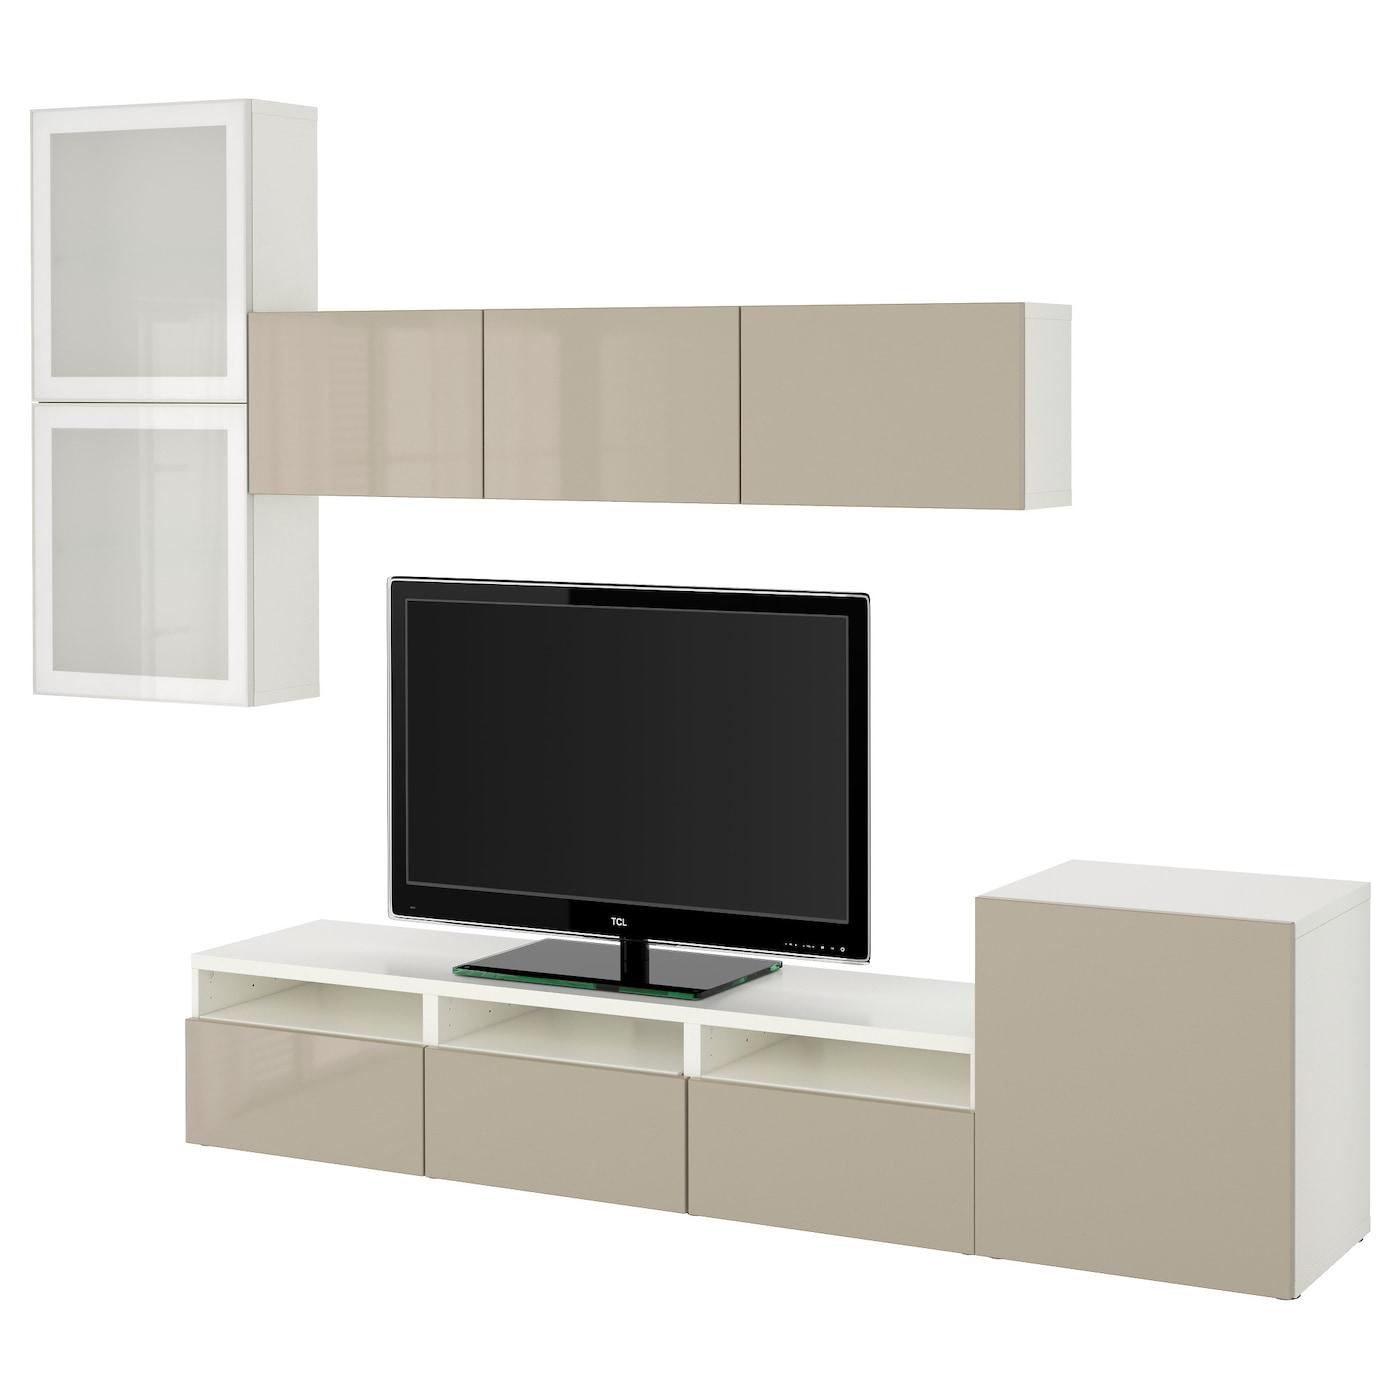 Muebles de TV y Muebles para el Salón | Compra Online IKEA